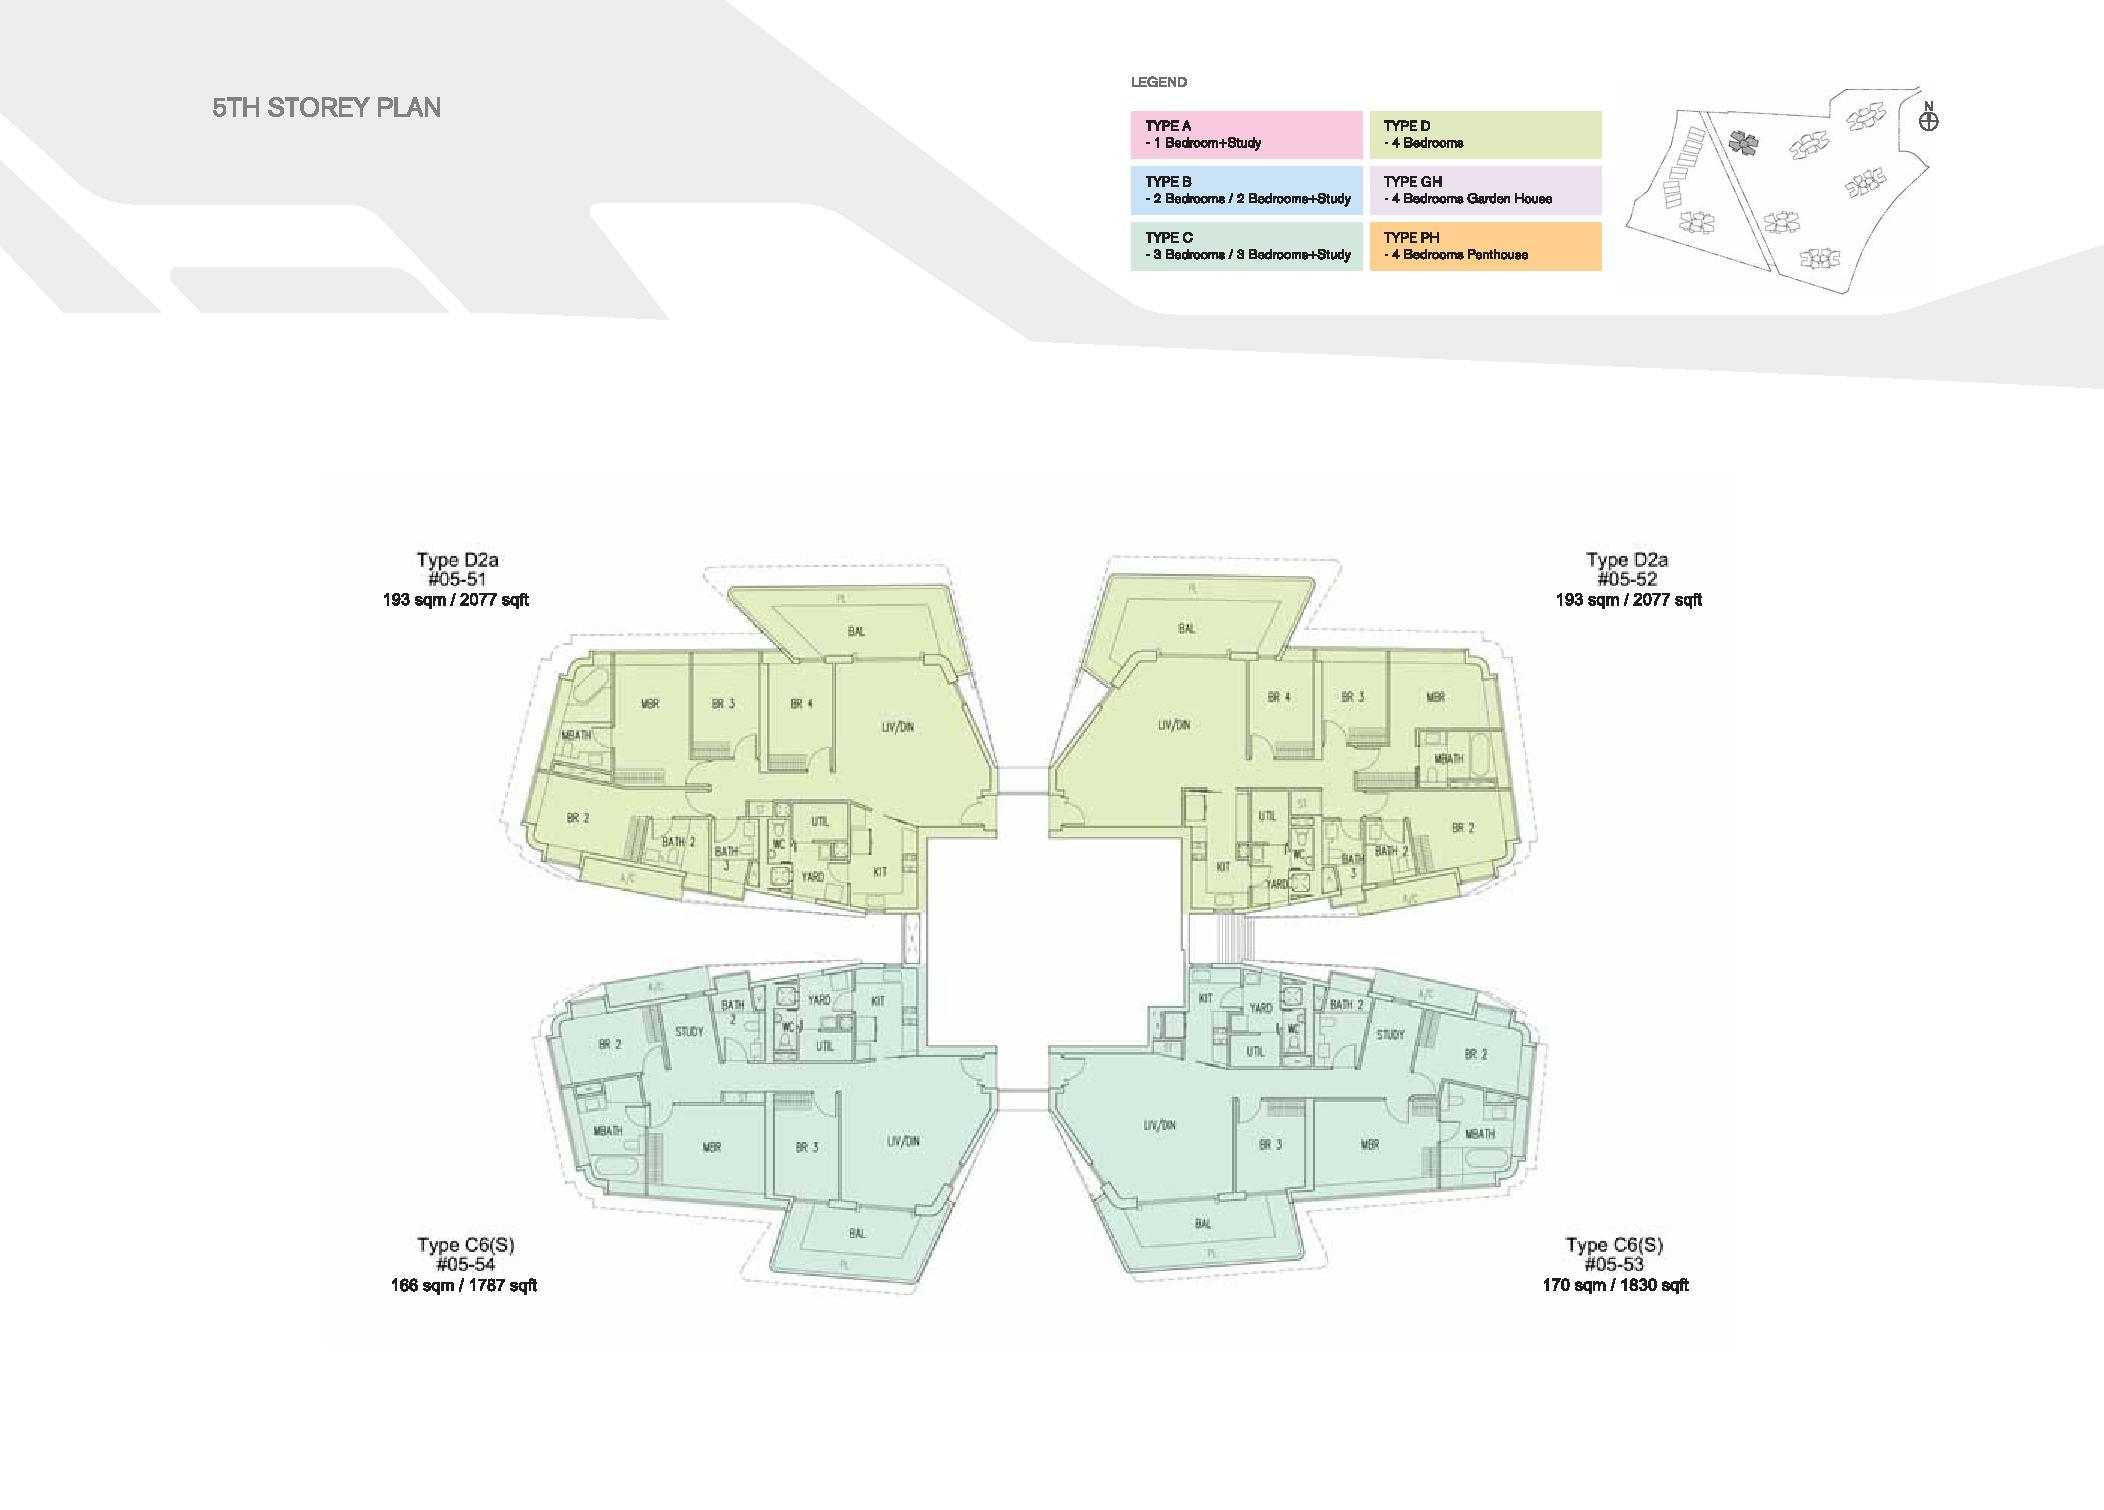 D'Leedon Block 15 5th Storey Floor Plans